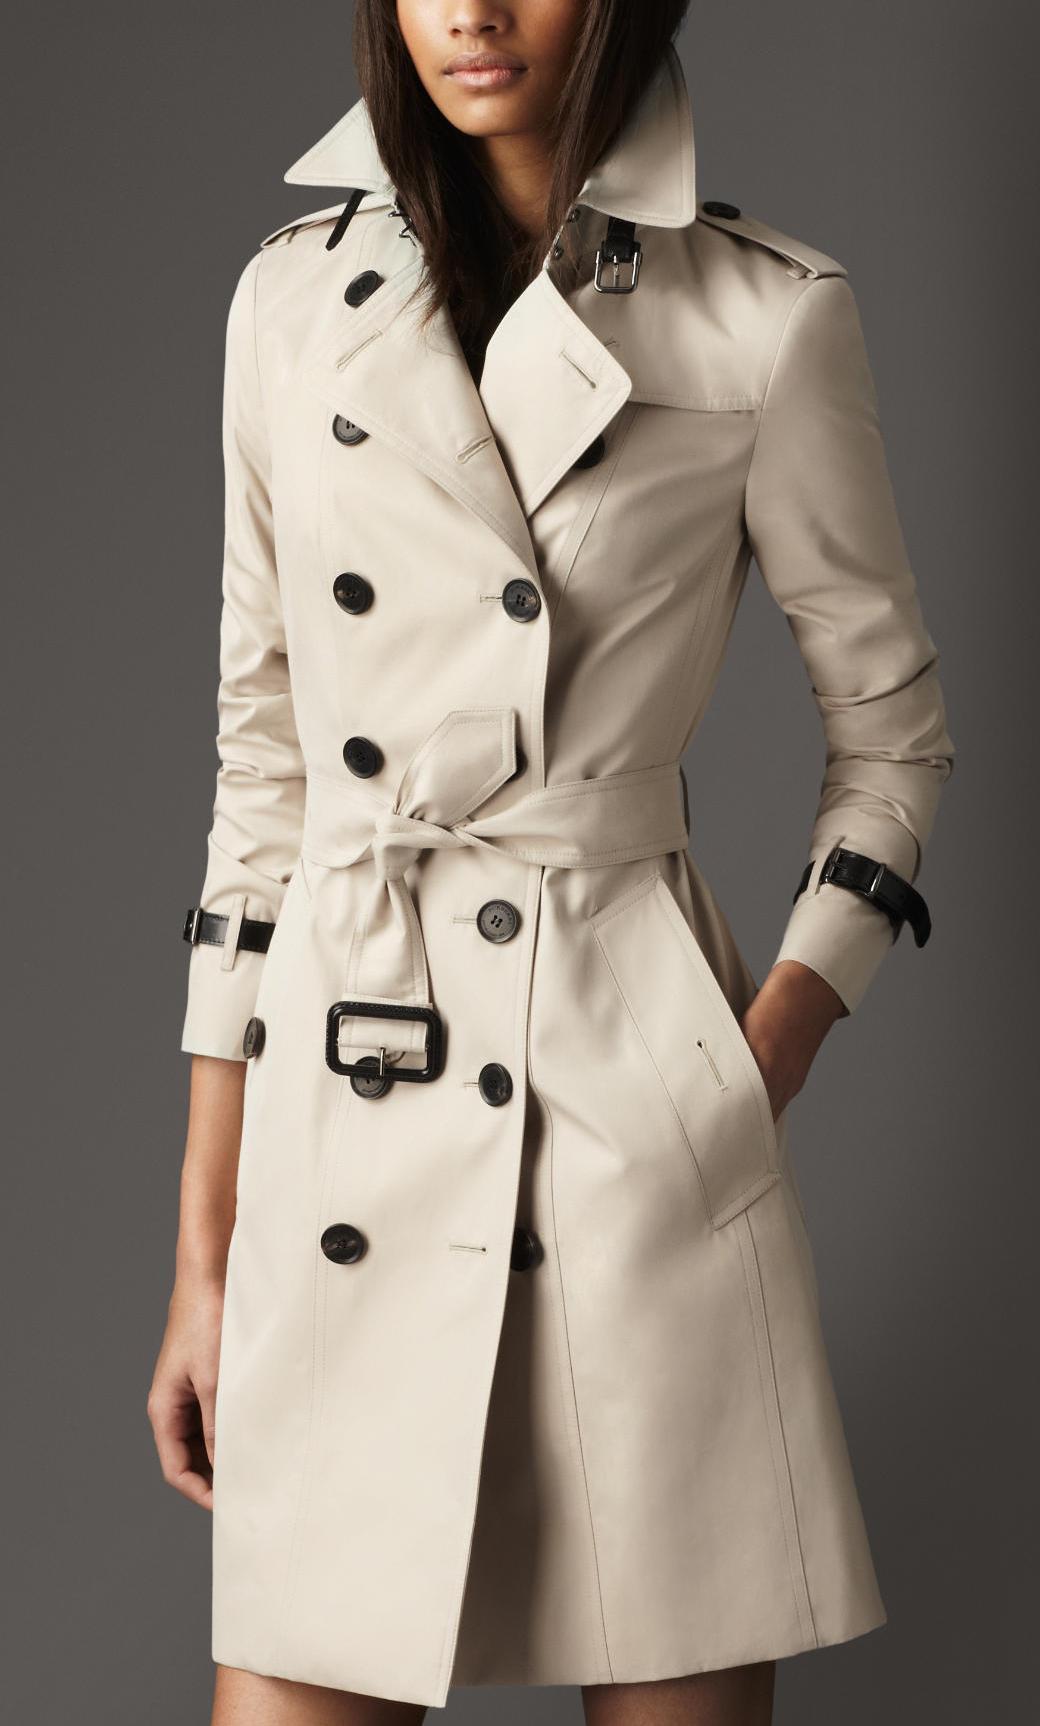 美國代購2013新款巴寶利burberry女裝風衣 長款皮革裝飾 38594111圖片